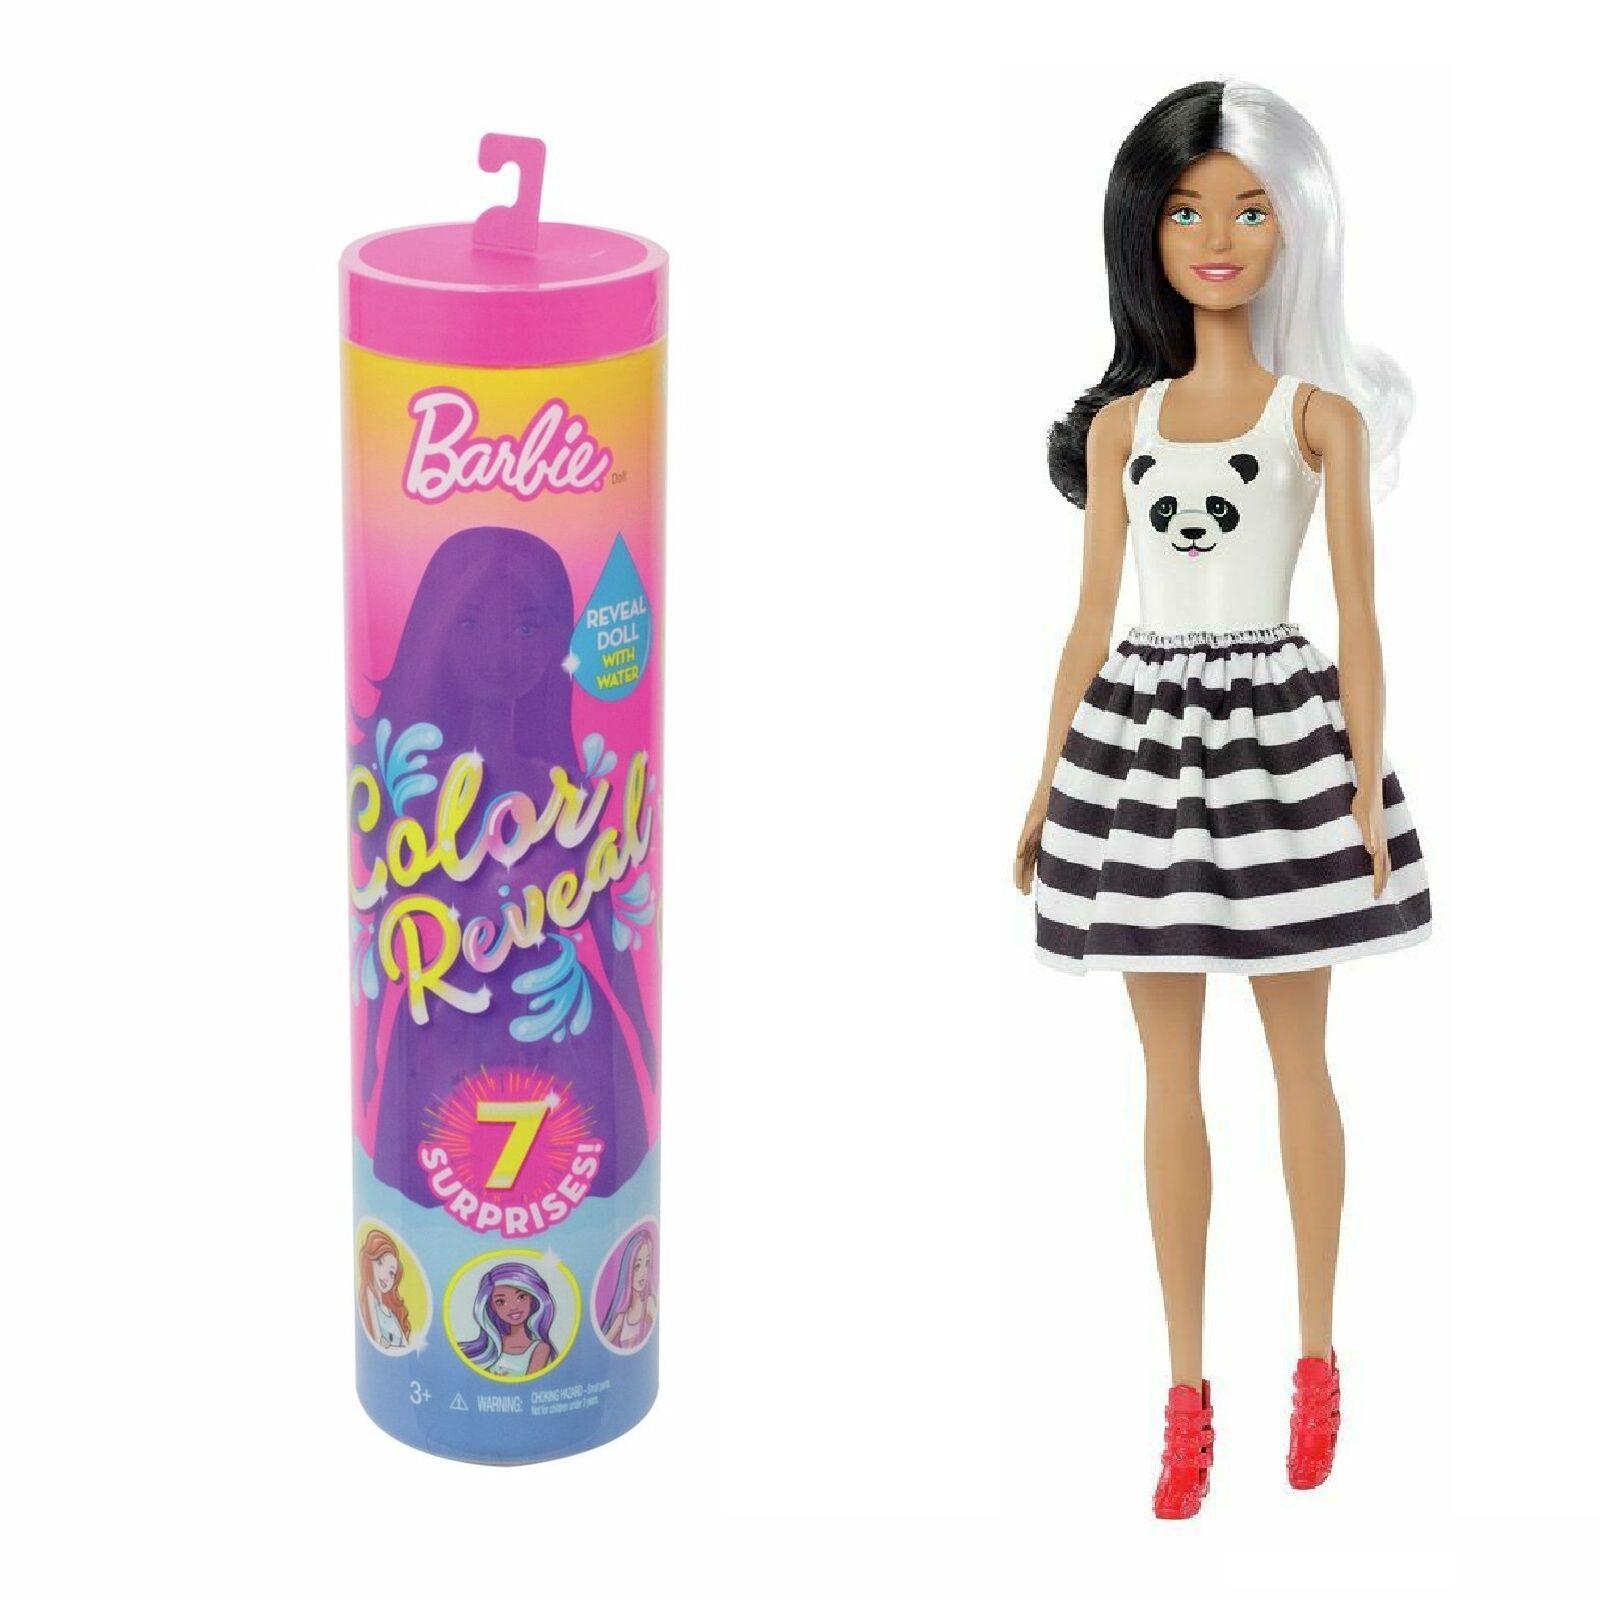 Boneca Barbie Fashionista Estilo Surpresa Cores Mágicas GPG14 Mattel